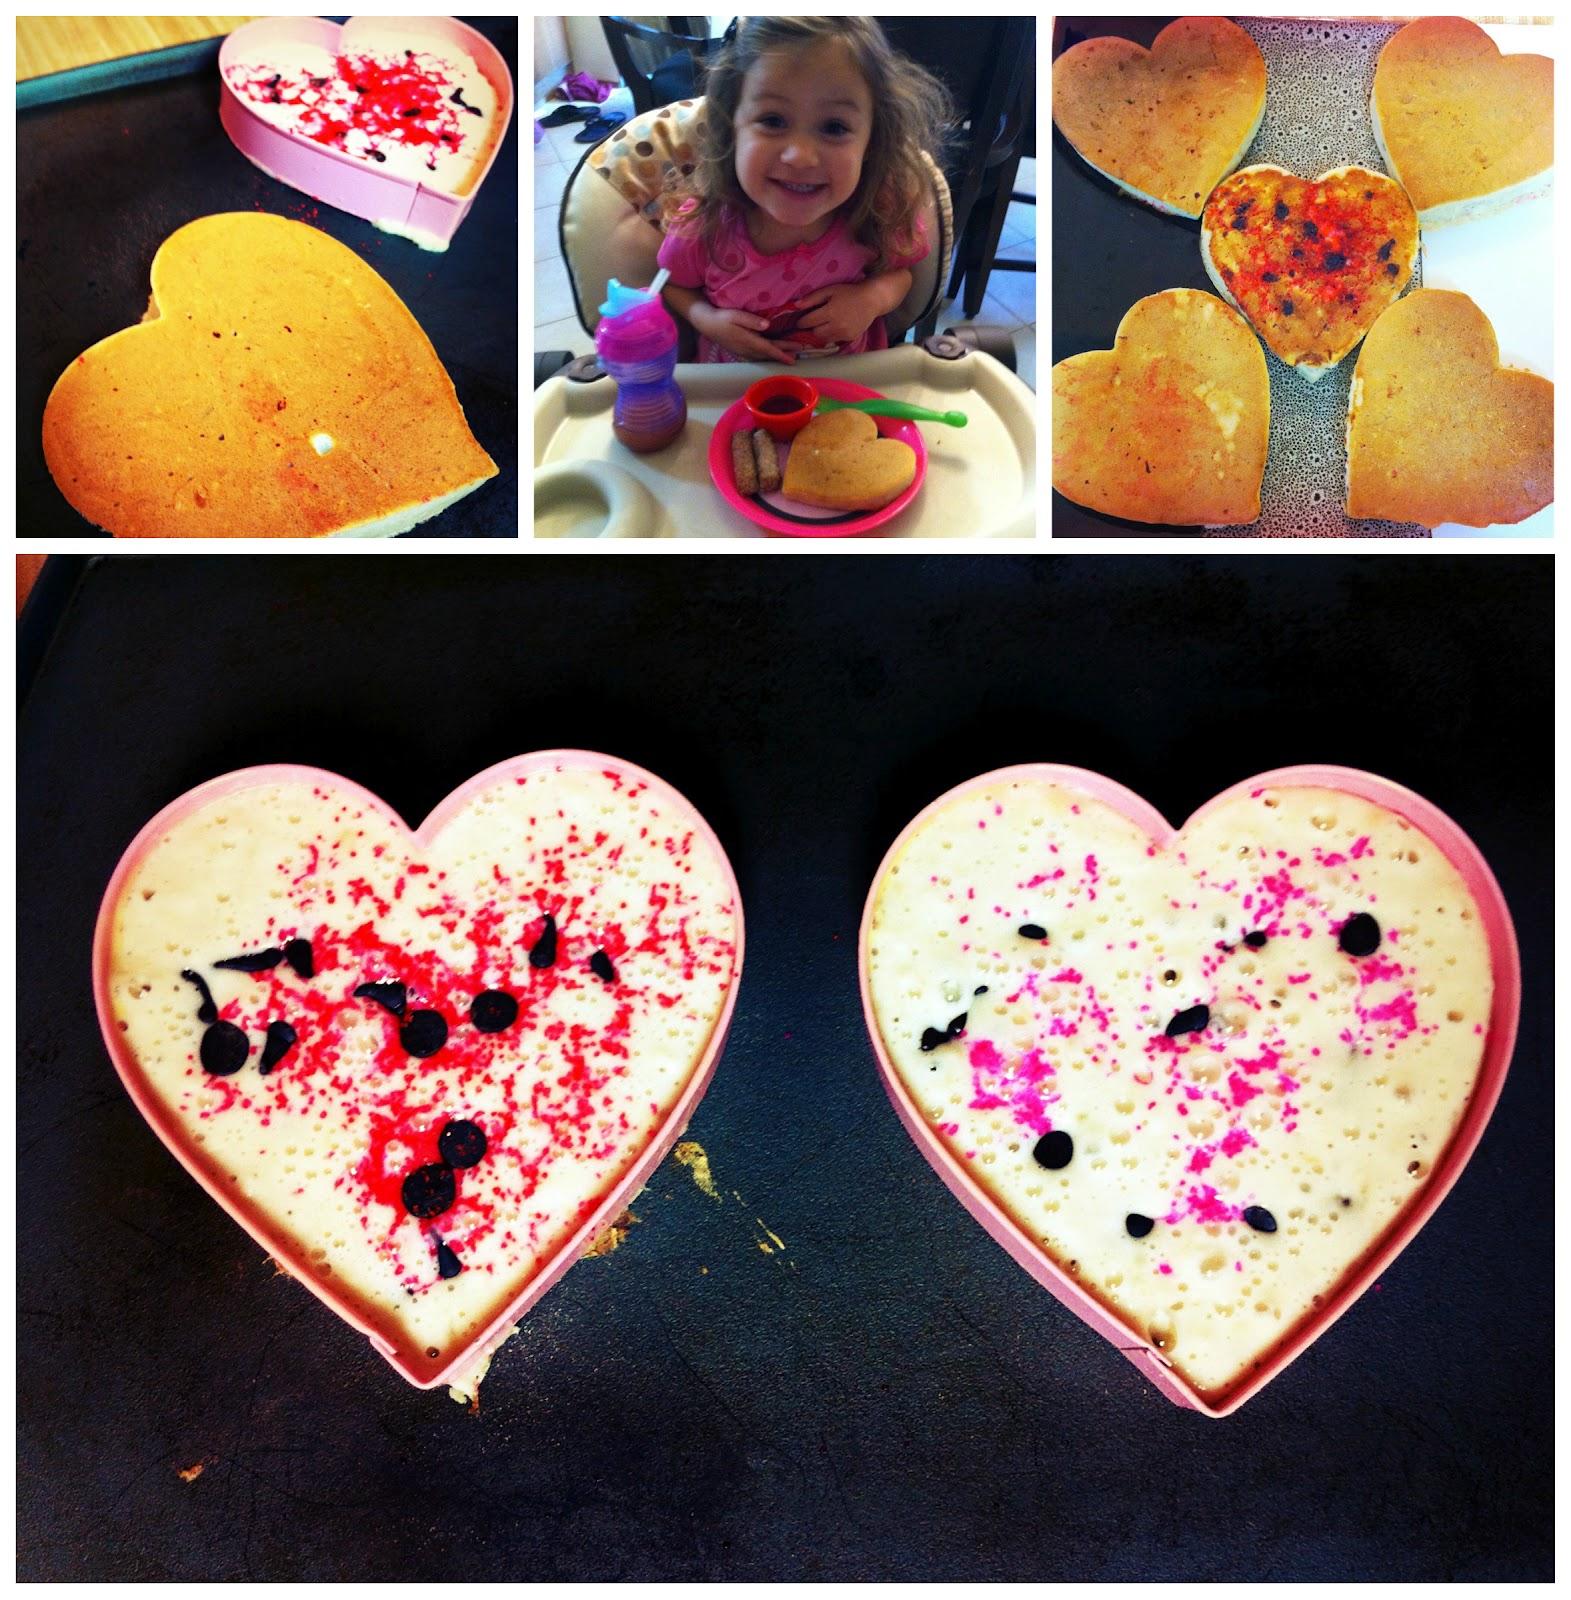 Mejia Mamma: Happy Day of Hearts!